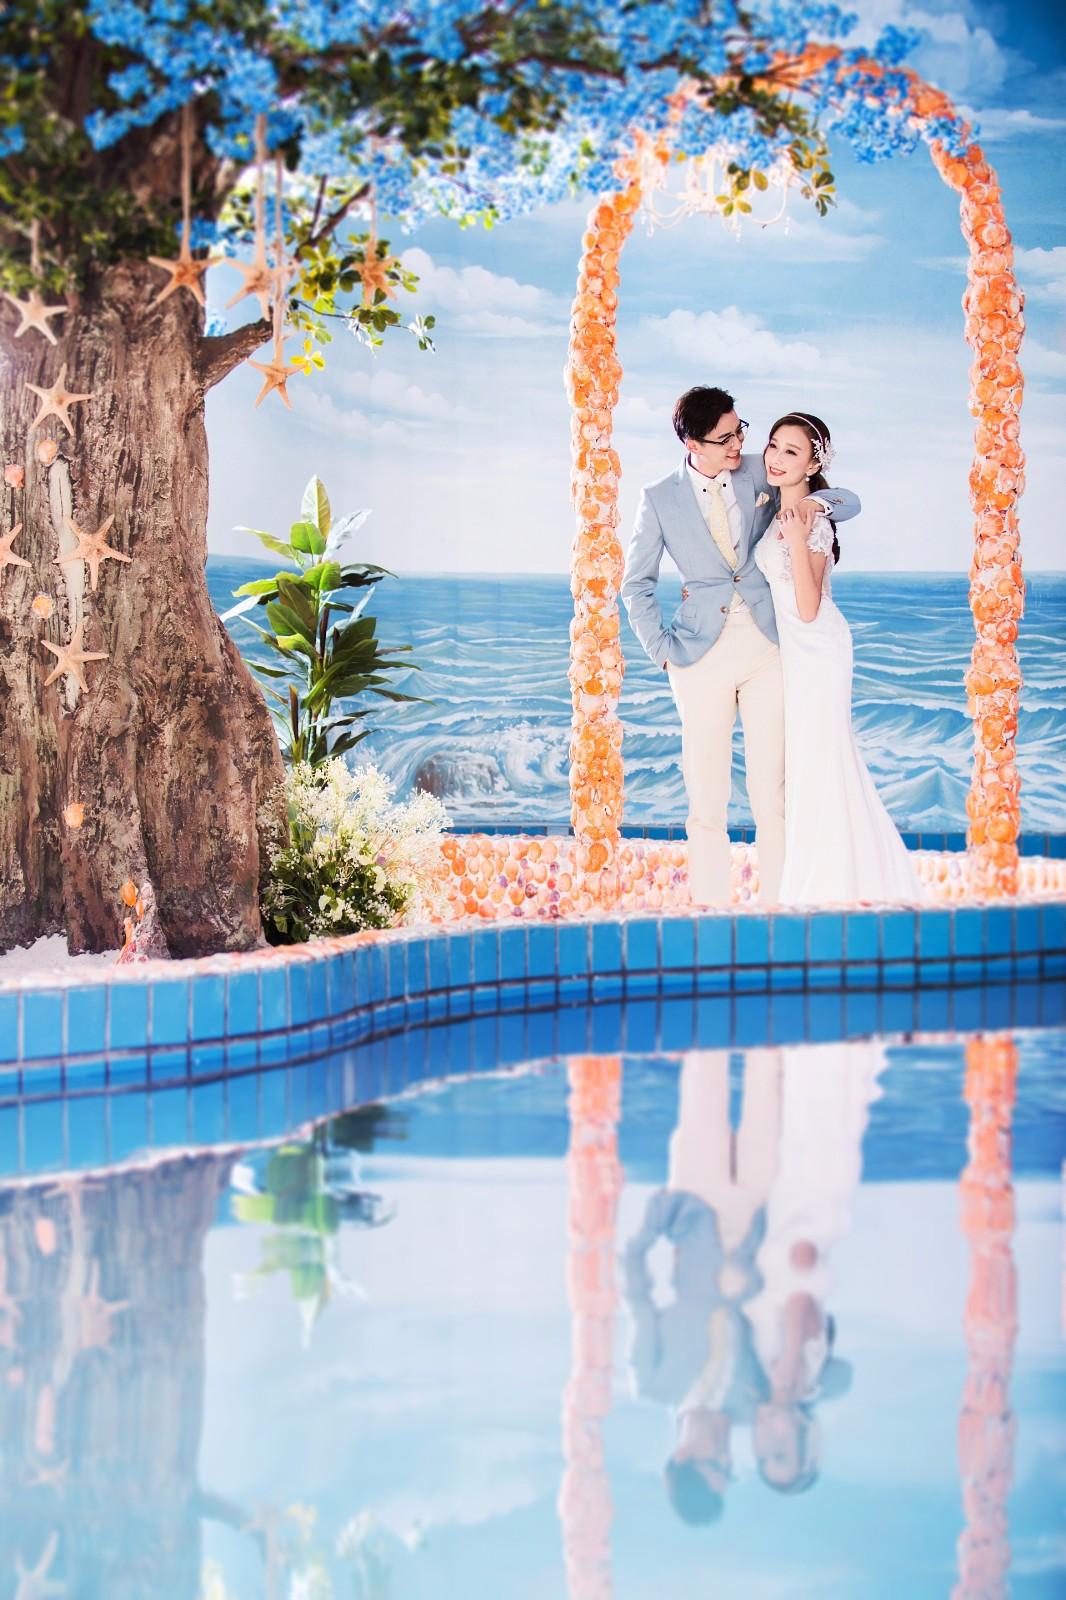 结婚证照片最需要注意的是?千万要注重这些重要要求啦!